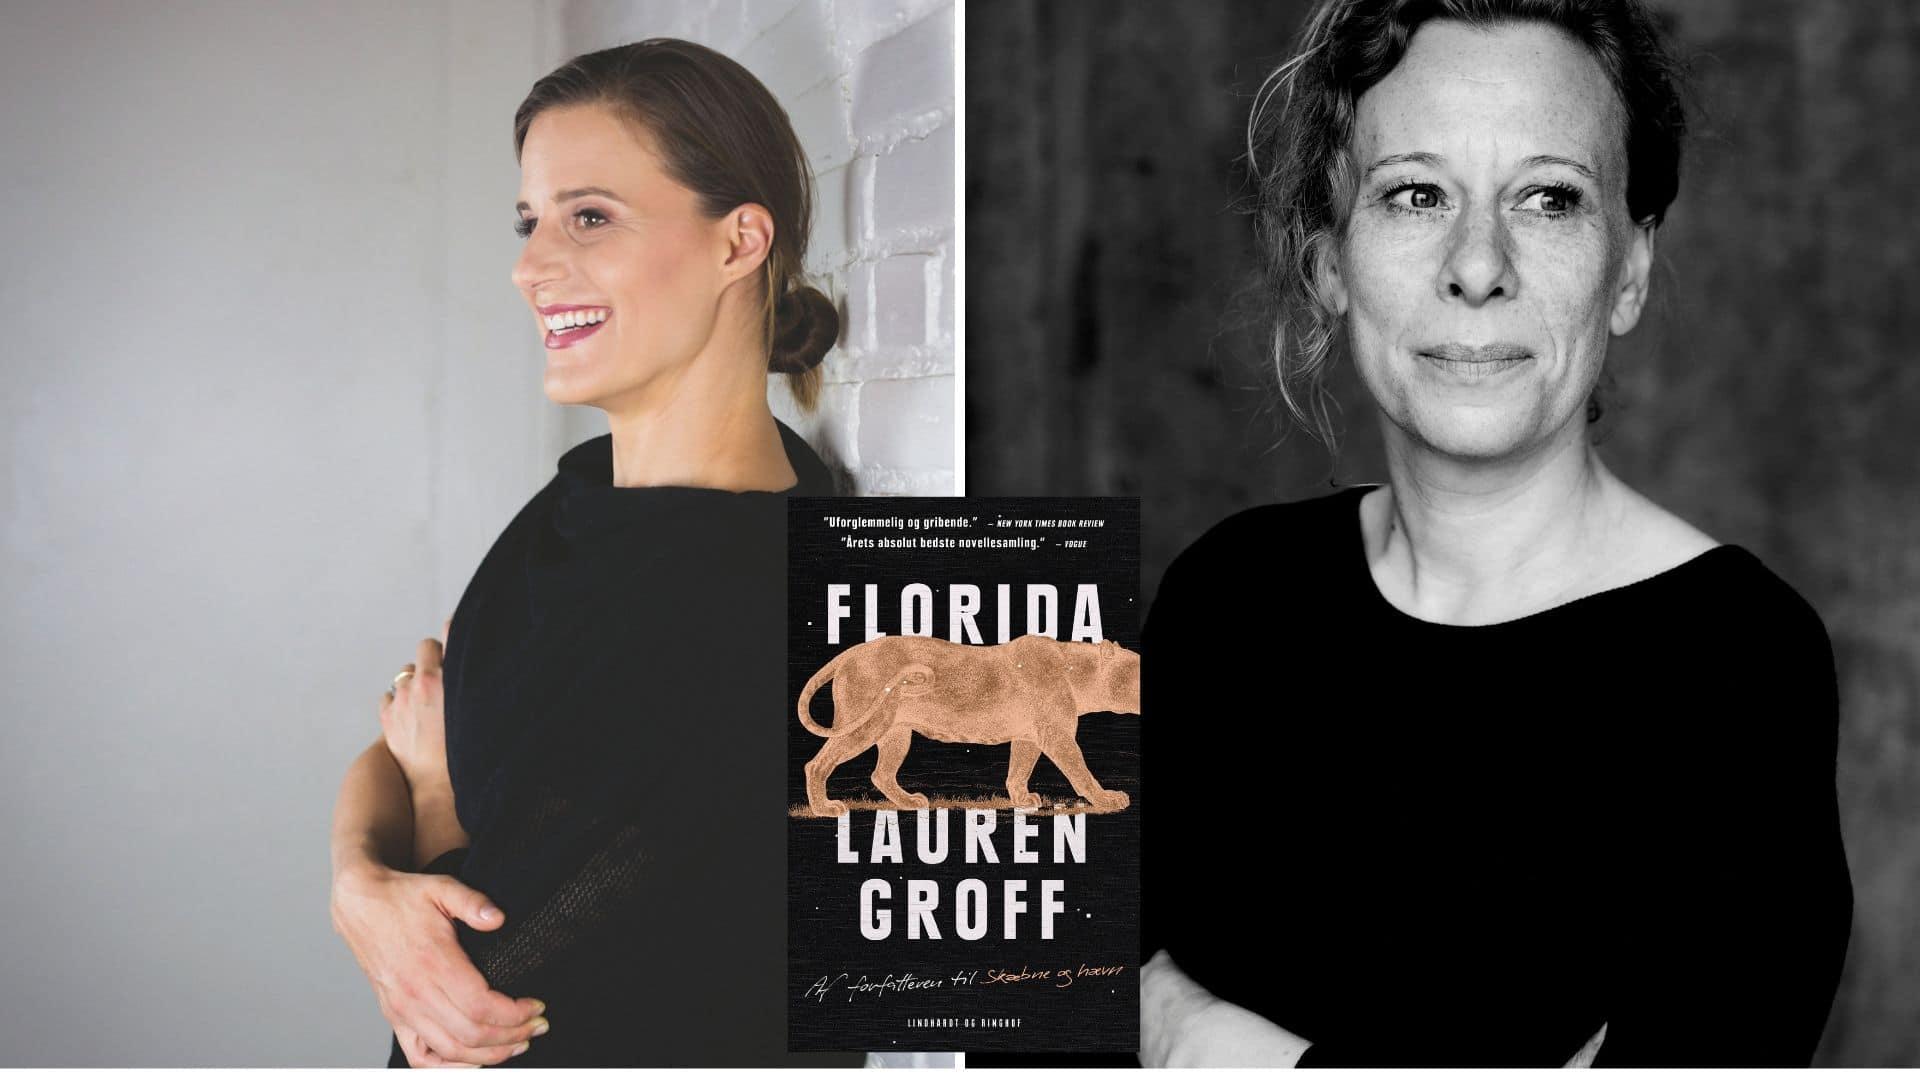 Lauren Groff, Lotte Kirkeby Hansen, Florida, Skæbne og hævn